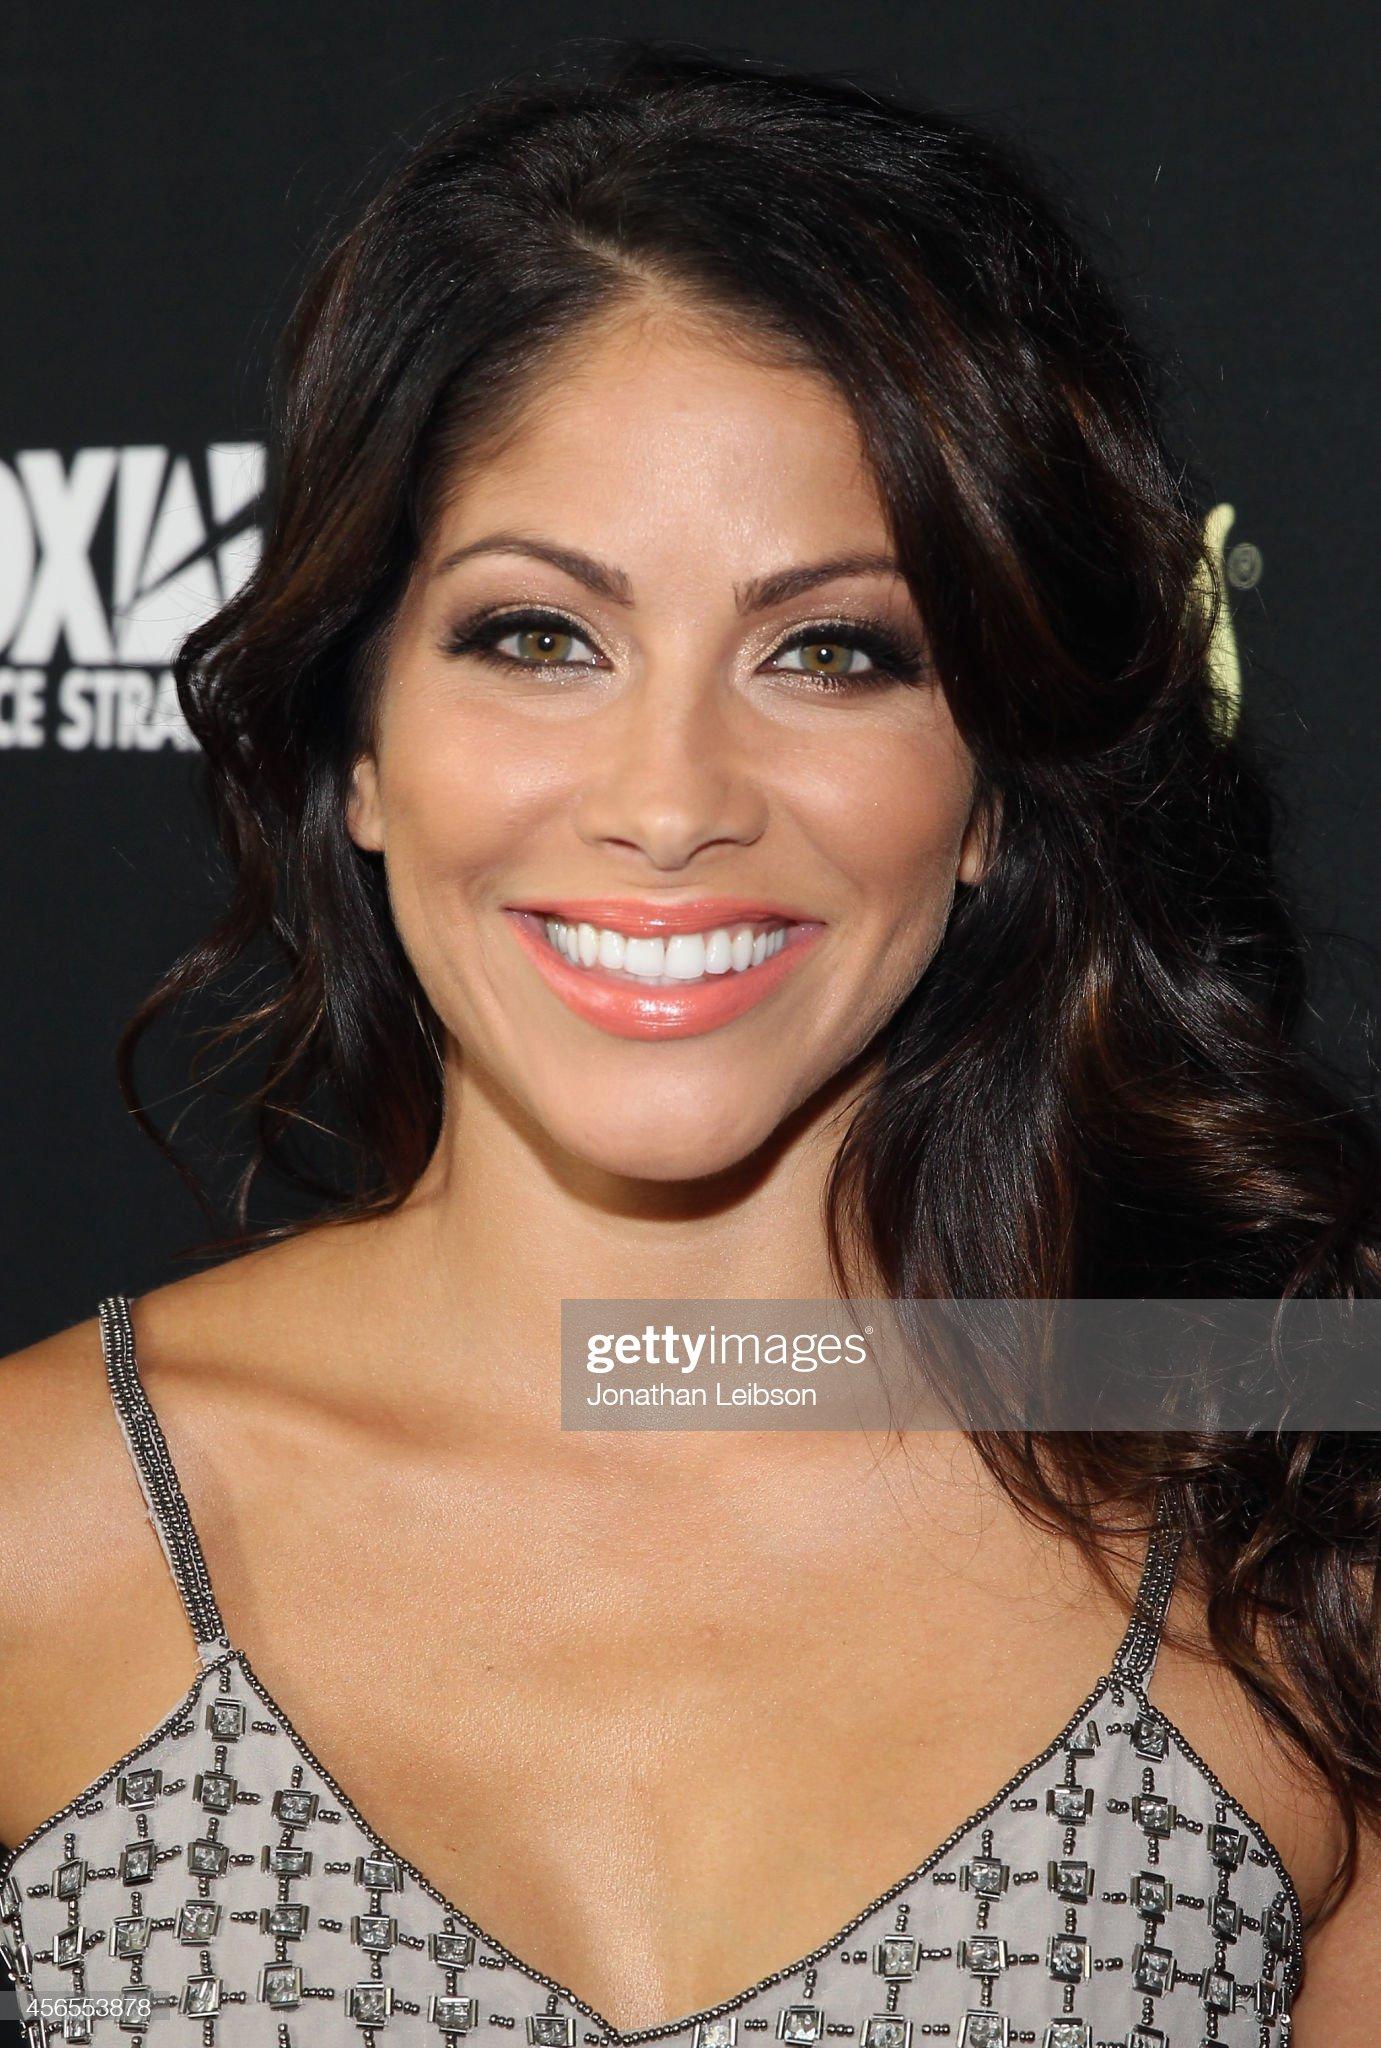 DEBATE sobre belleza, guapura y hermosura (fotos de chicas latinas, mestizas, y de todo) - VOL II - Página 9 Actress-valery-ortiz-attends-latina-magazines-hollywood-hot-list-at-picture-id456553878?s=2048x2048